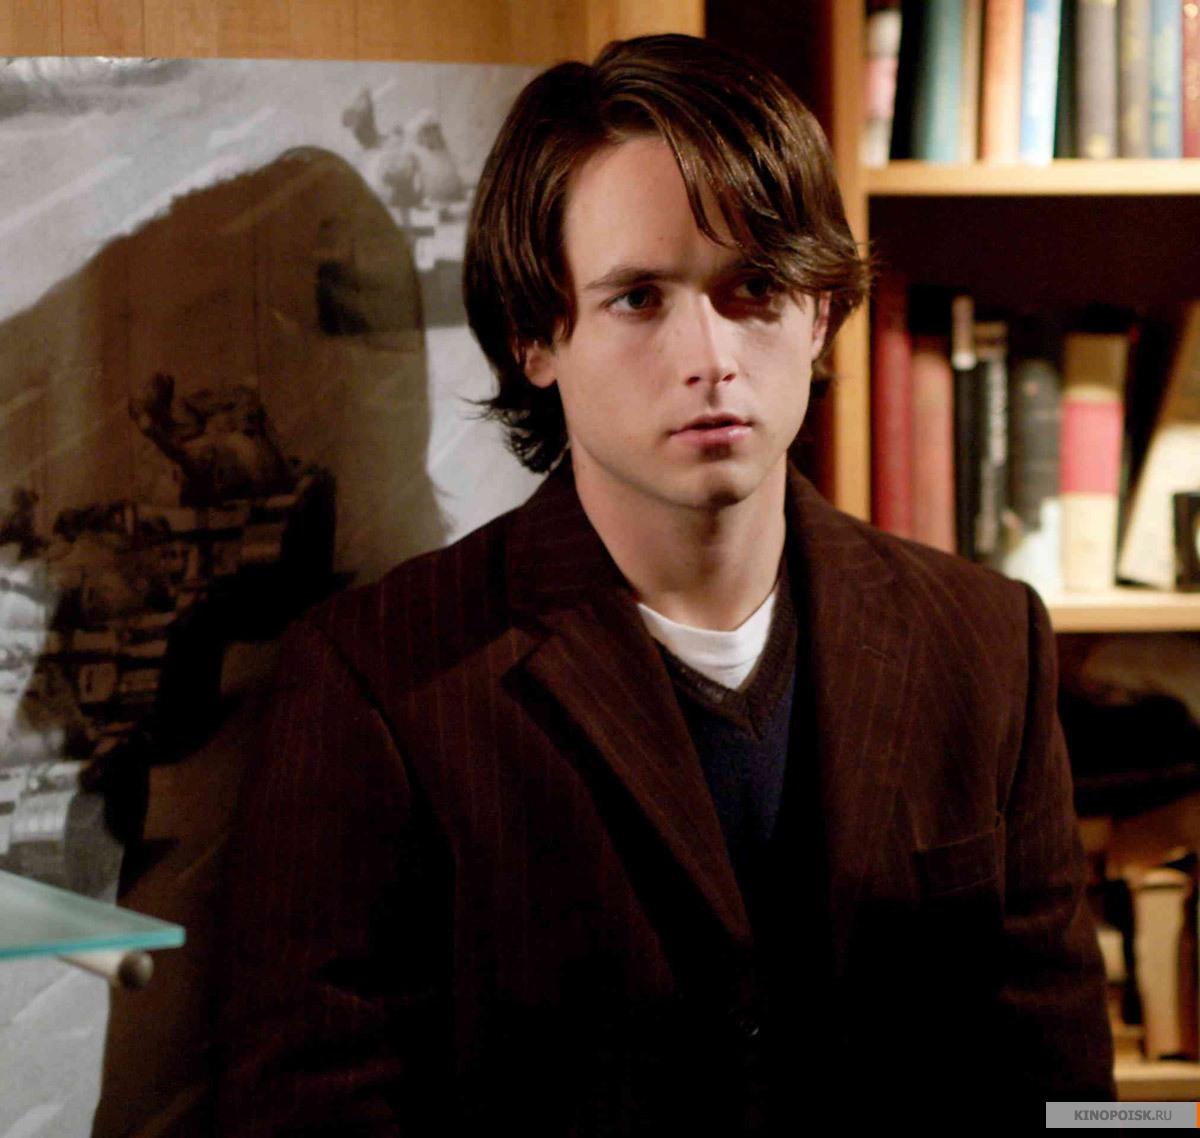 Кадр из фильма Невидимый, 2007 год (01)